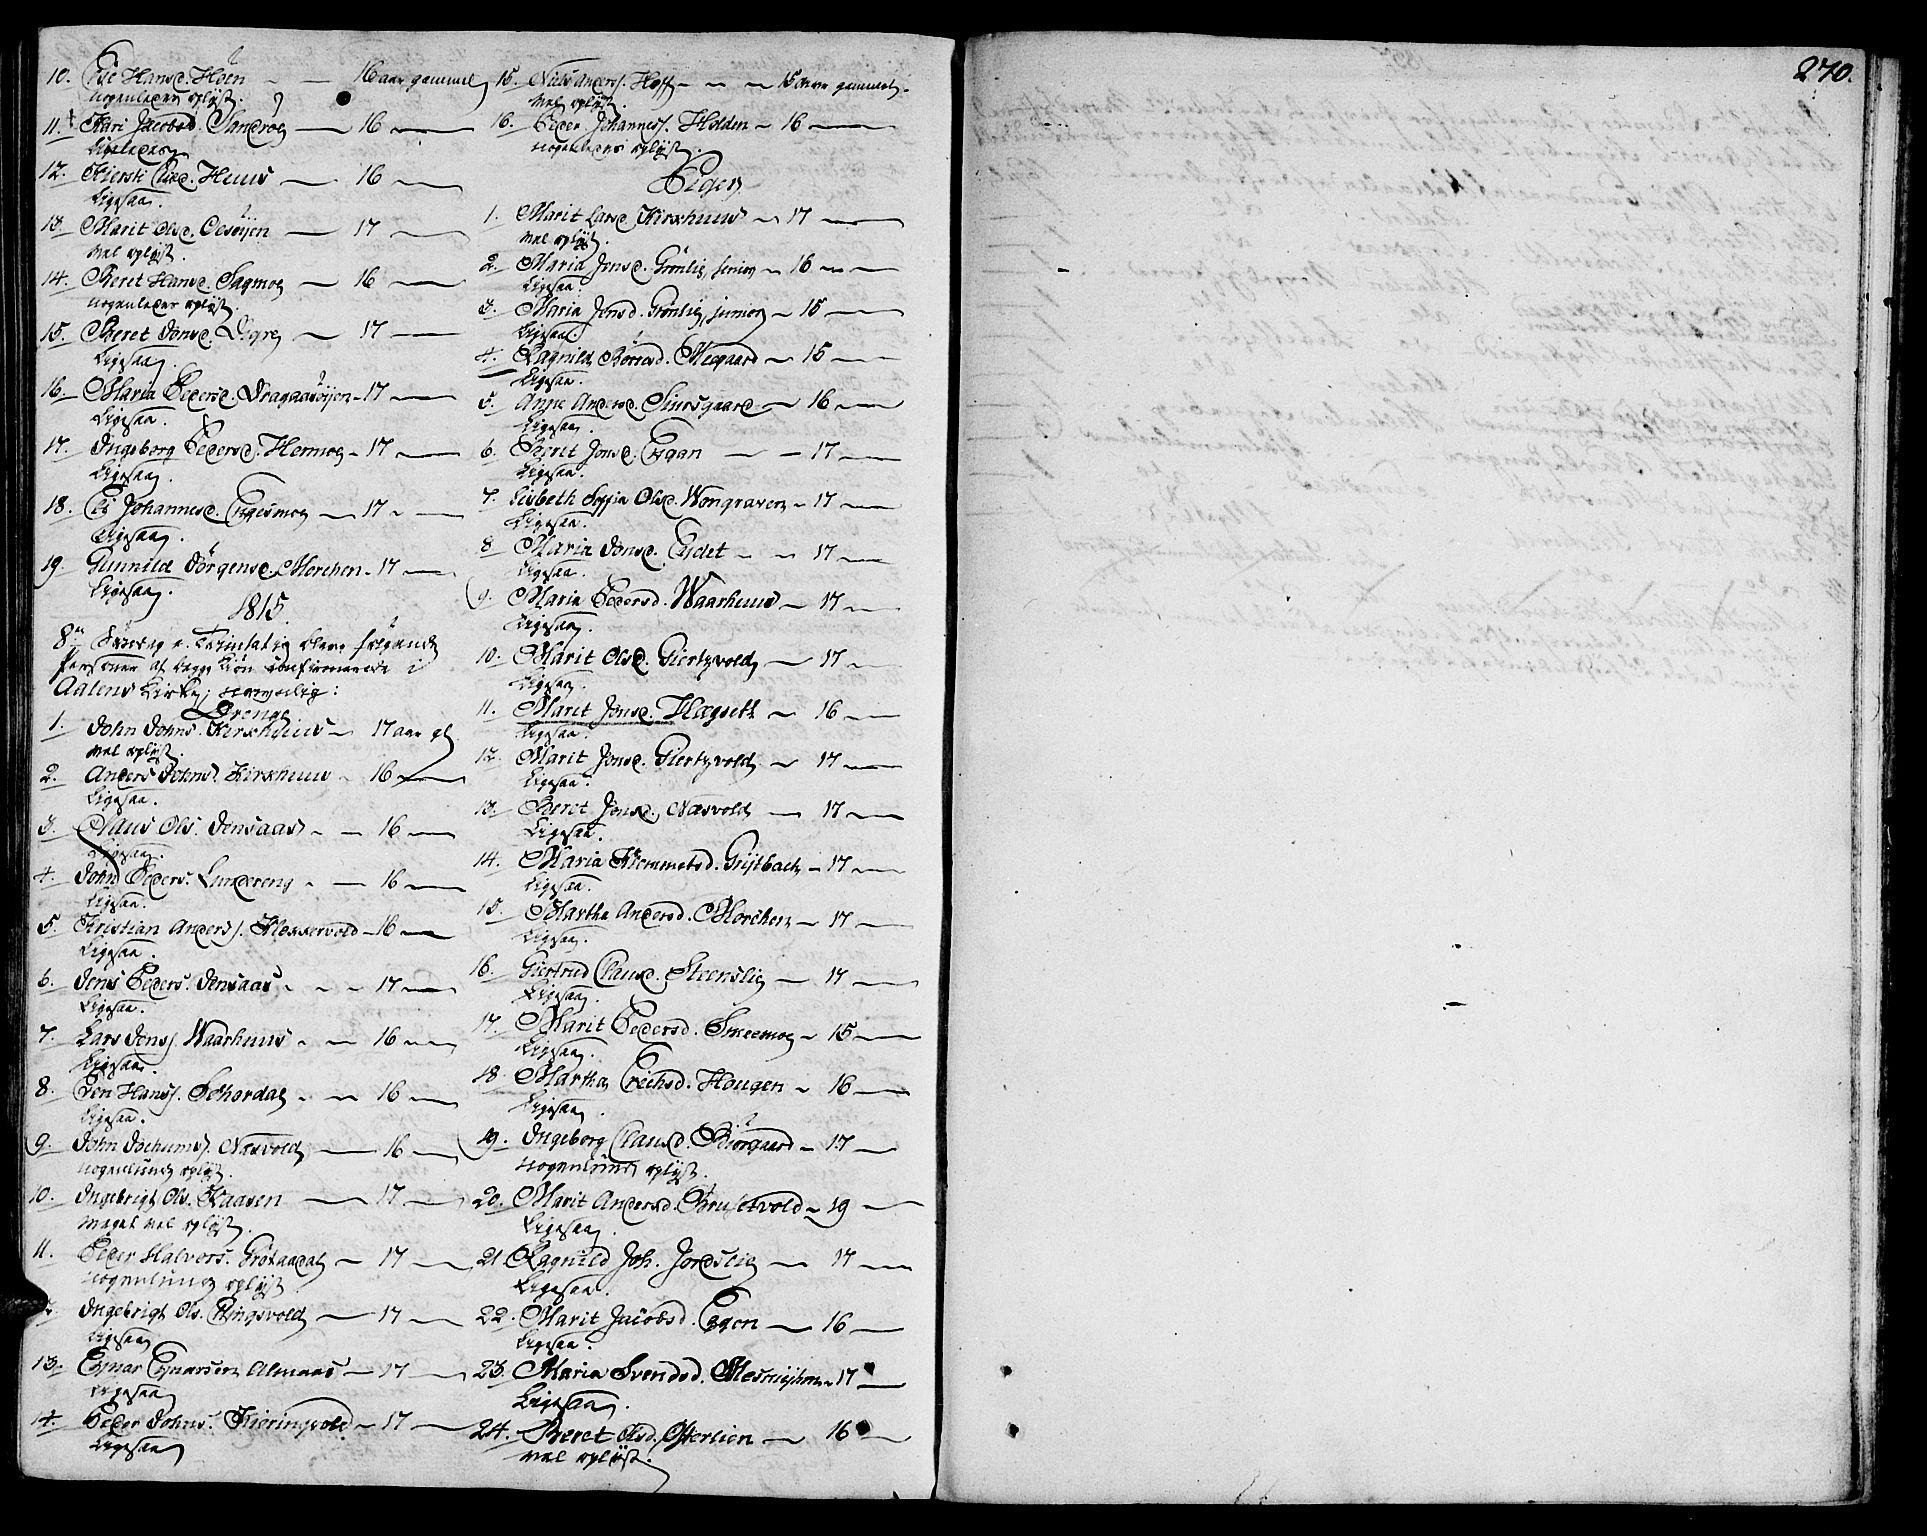 SAT, Ministerialprotokoller, klokkerbøker og fødselsregistre - Sør-Trøndelag, 685/L0953: Ministerialbok nr. 685A02, 1805-1816, s. 270